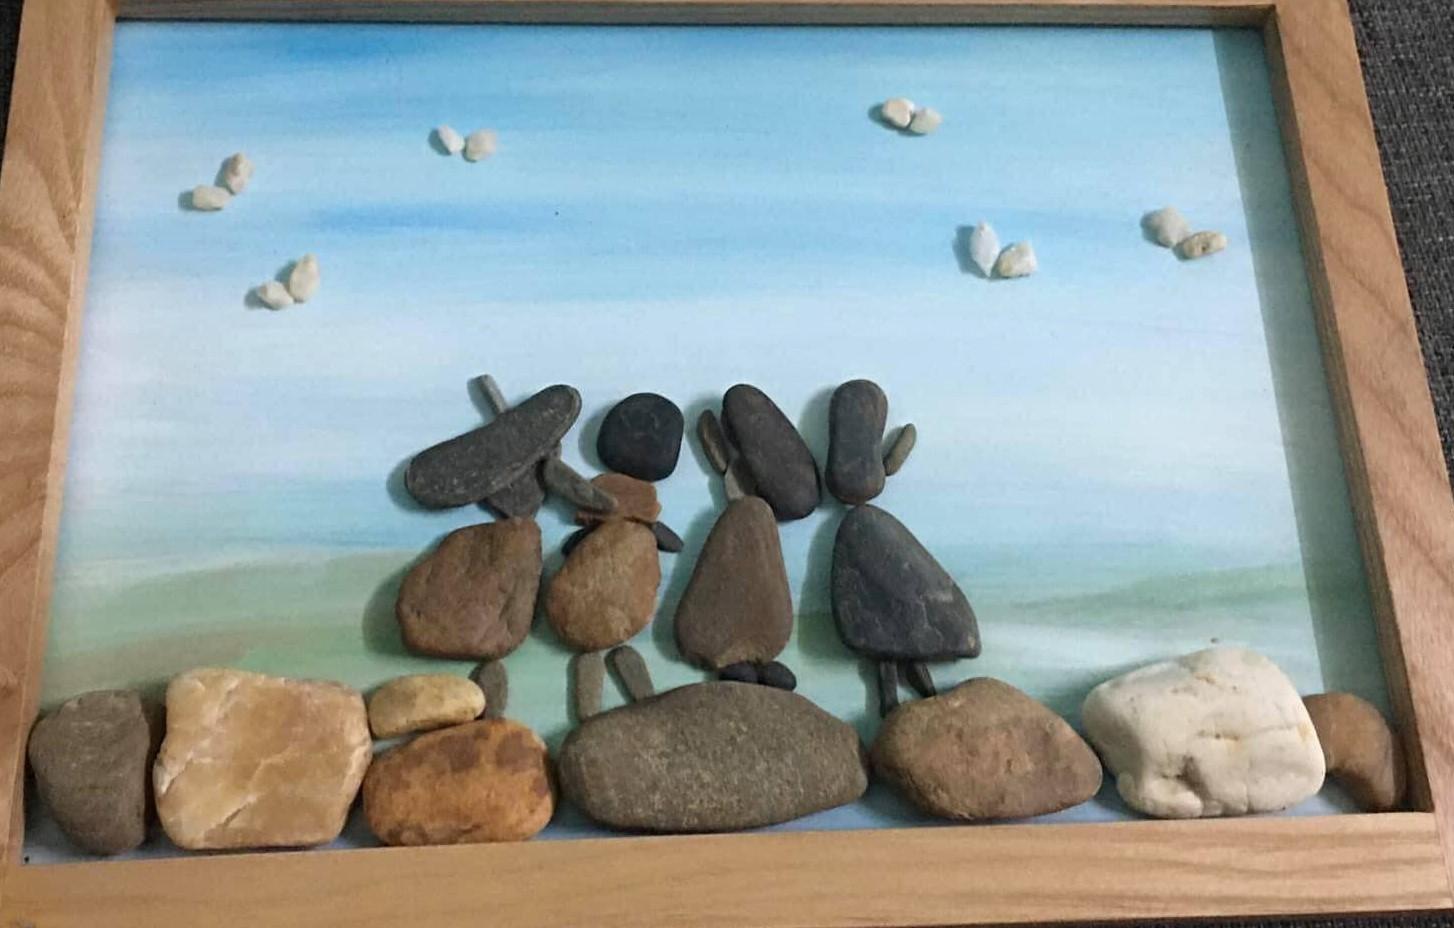 Sỏi đá vô tri 'biến hình' thành tranh nghệ thuật